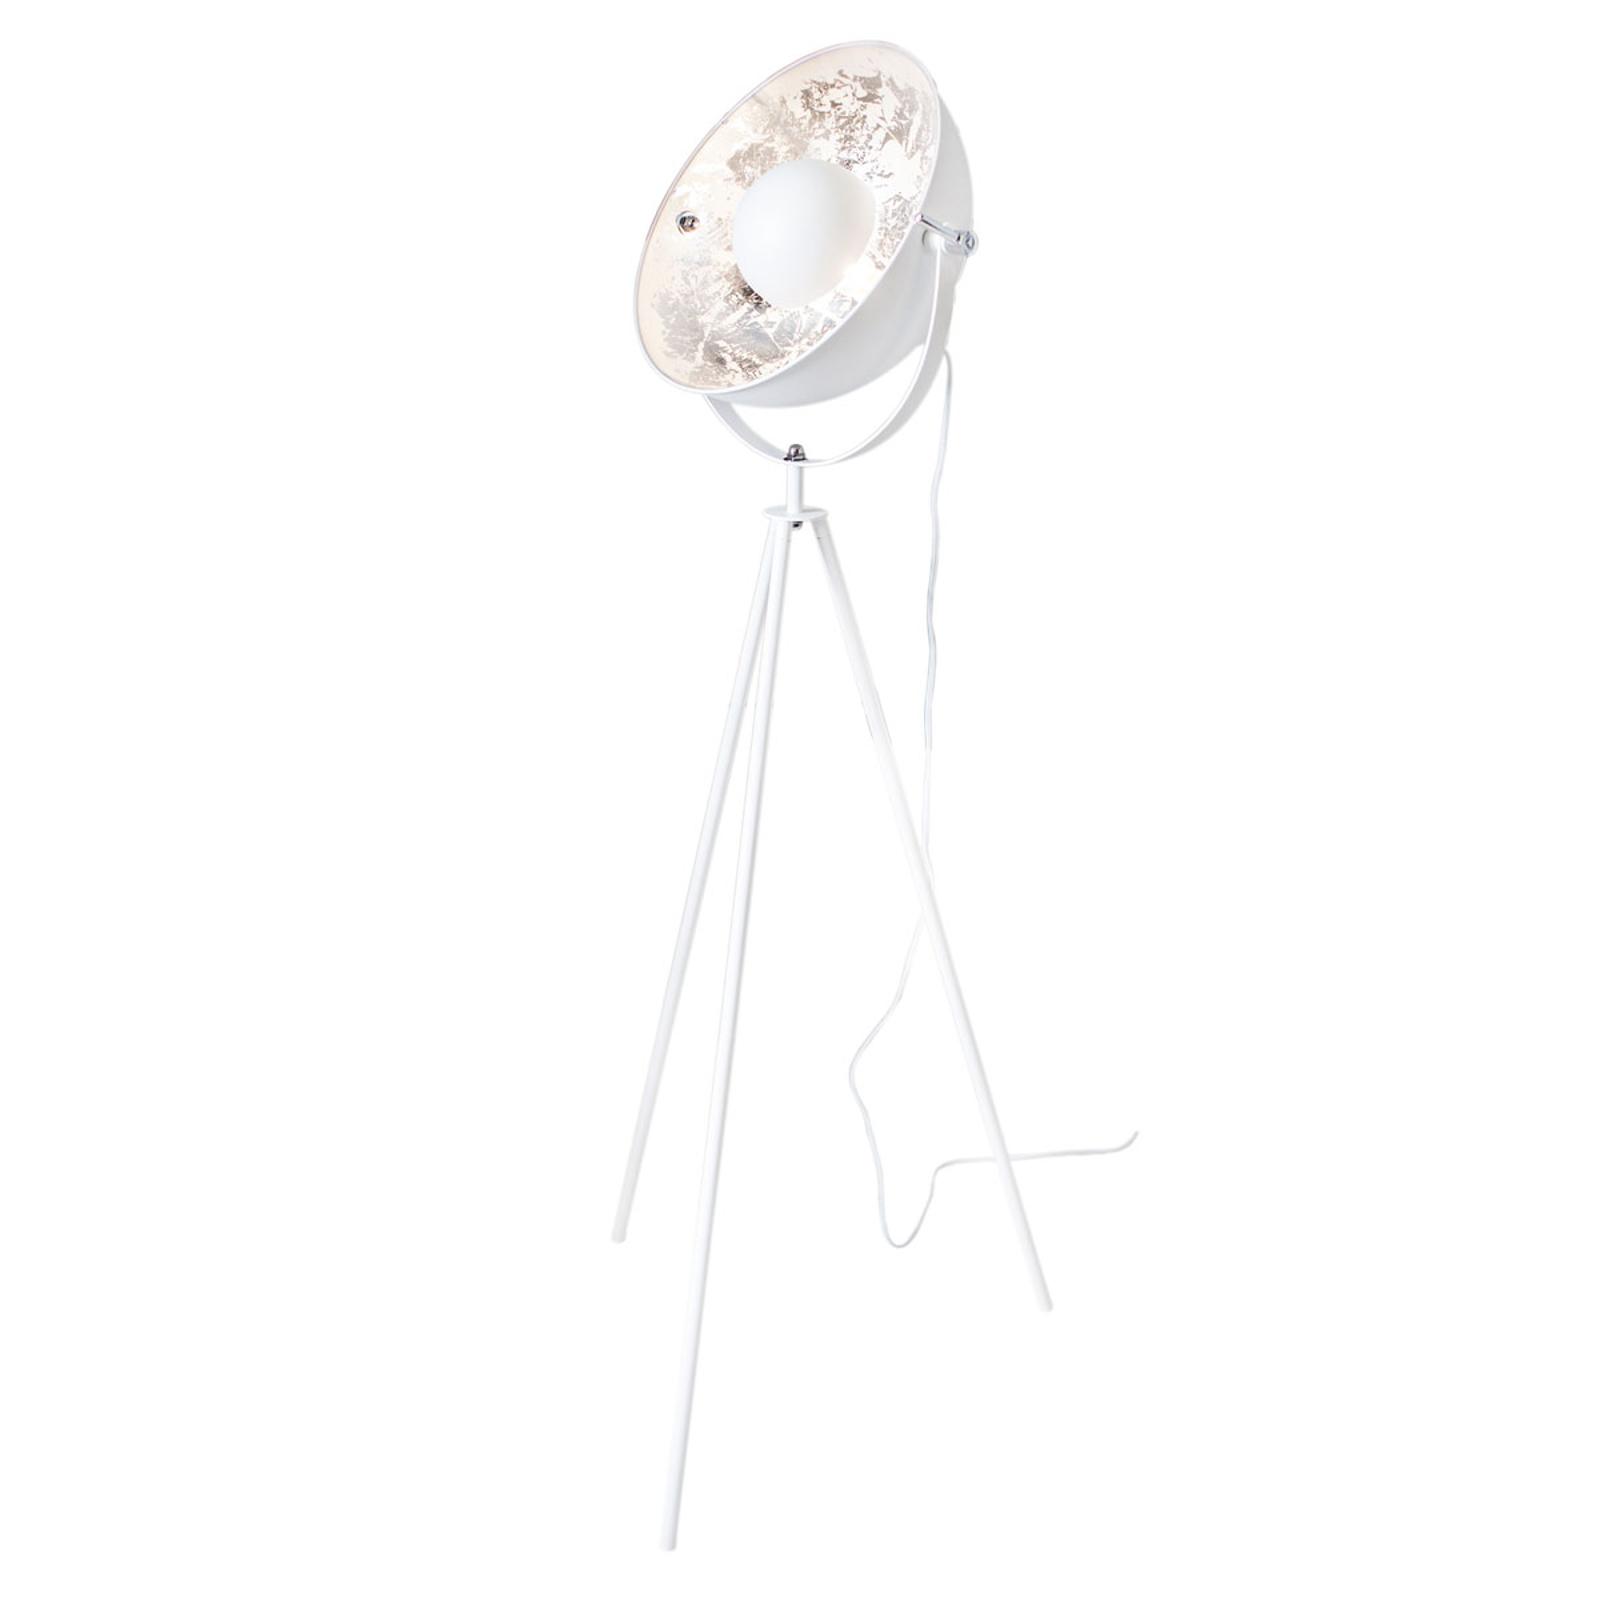 By Rydéns Captain Mini gulvlampe, hvit sølv